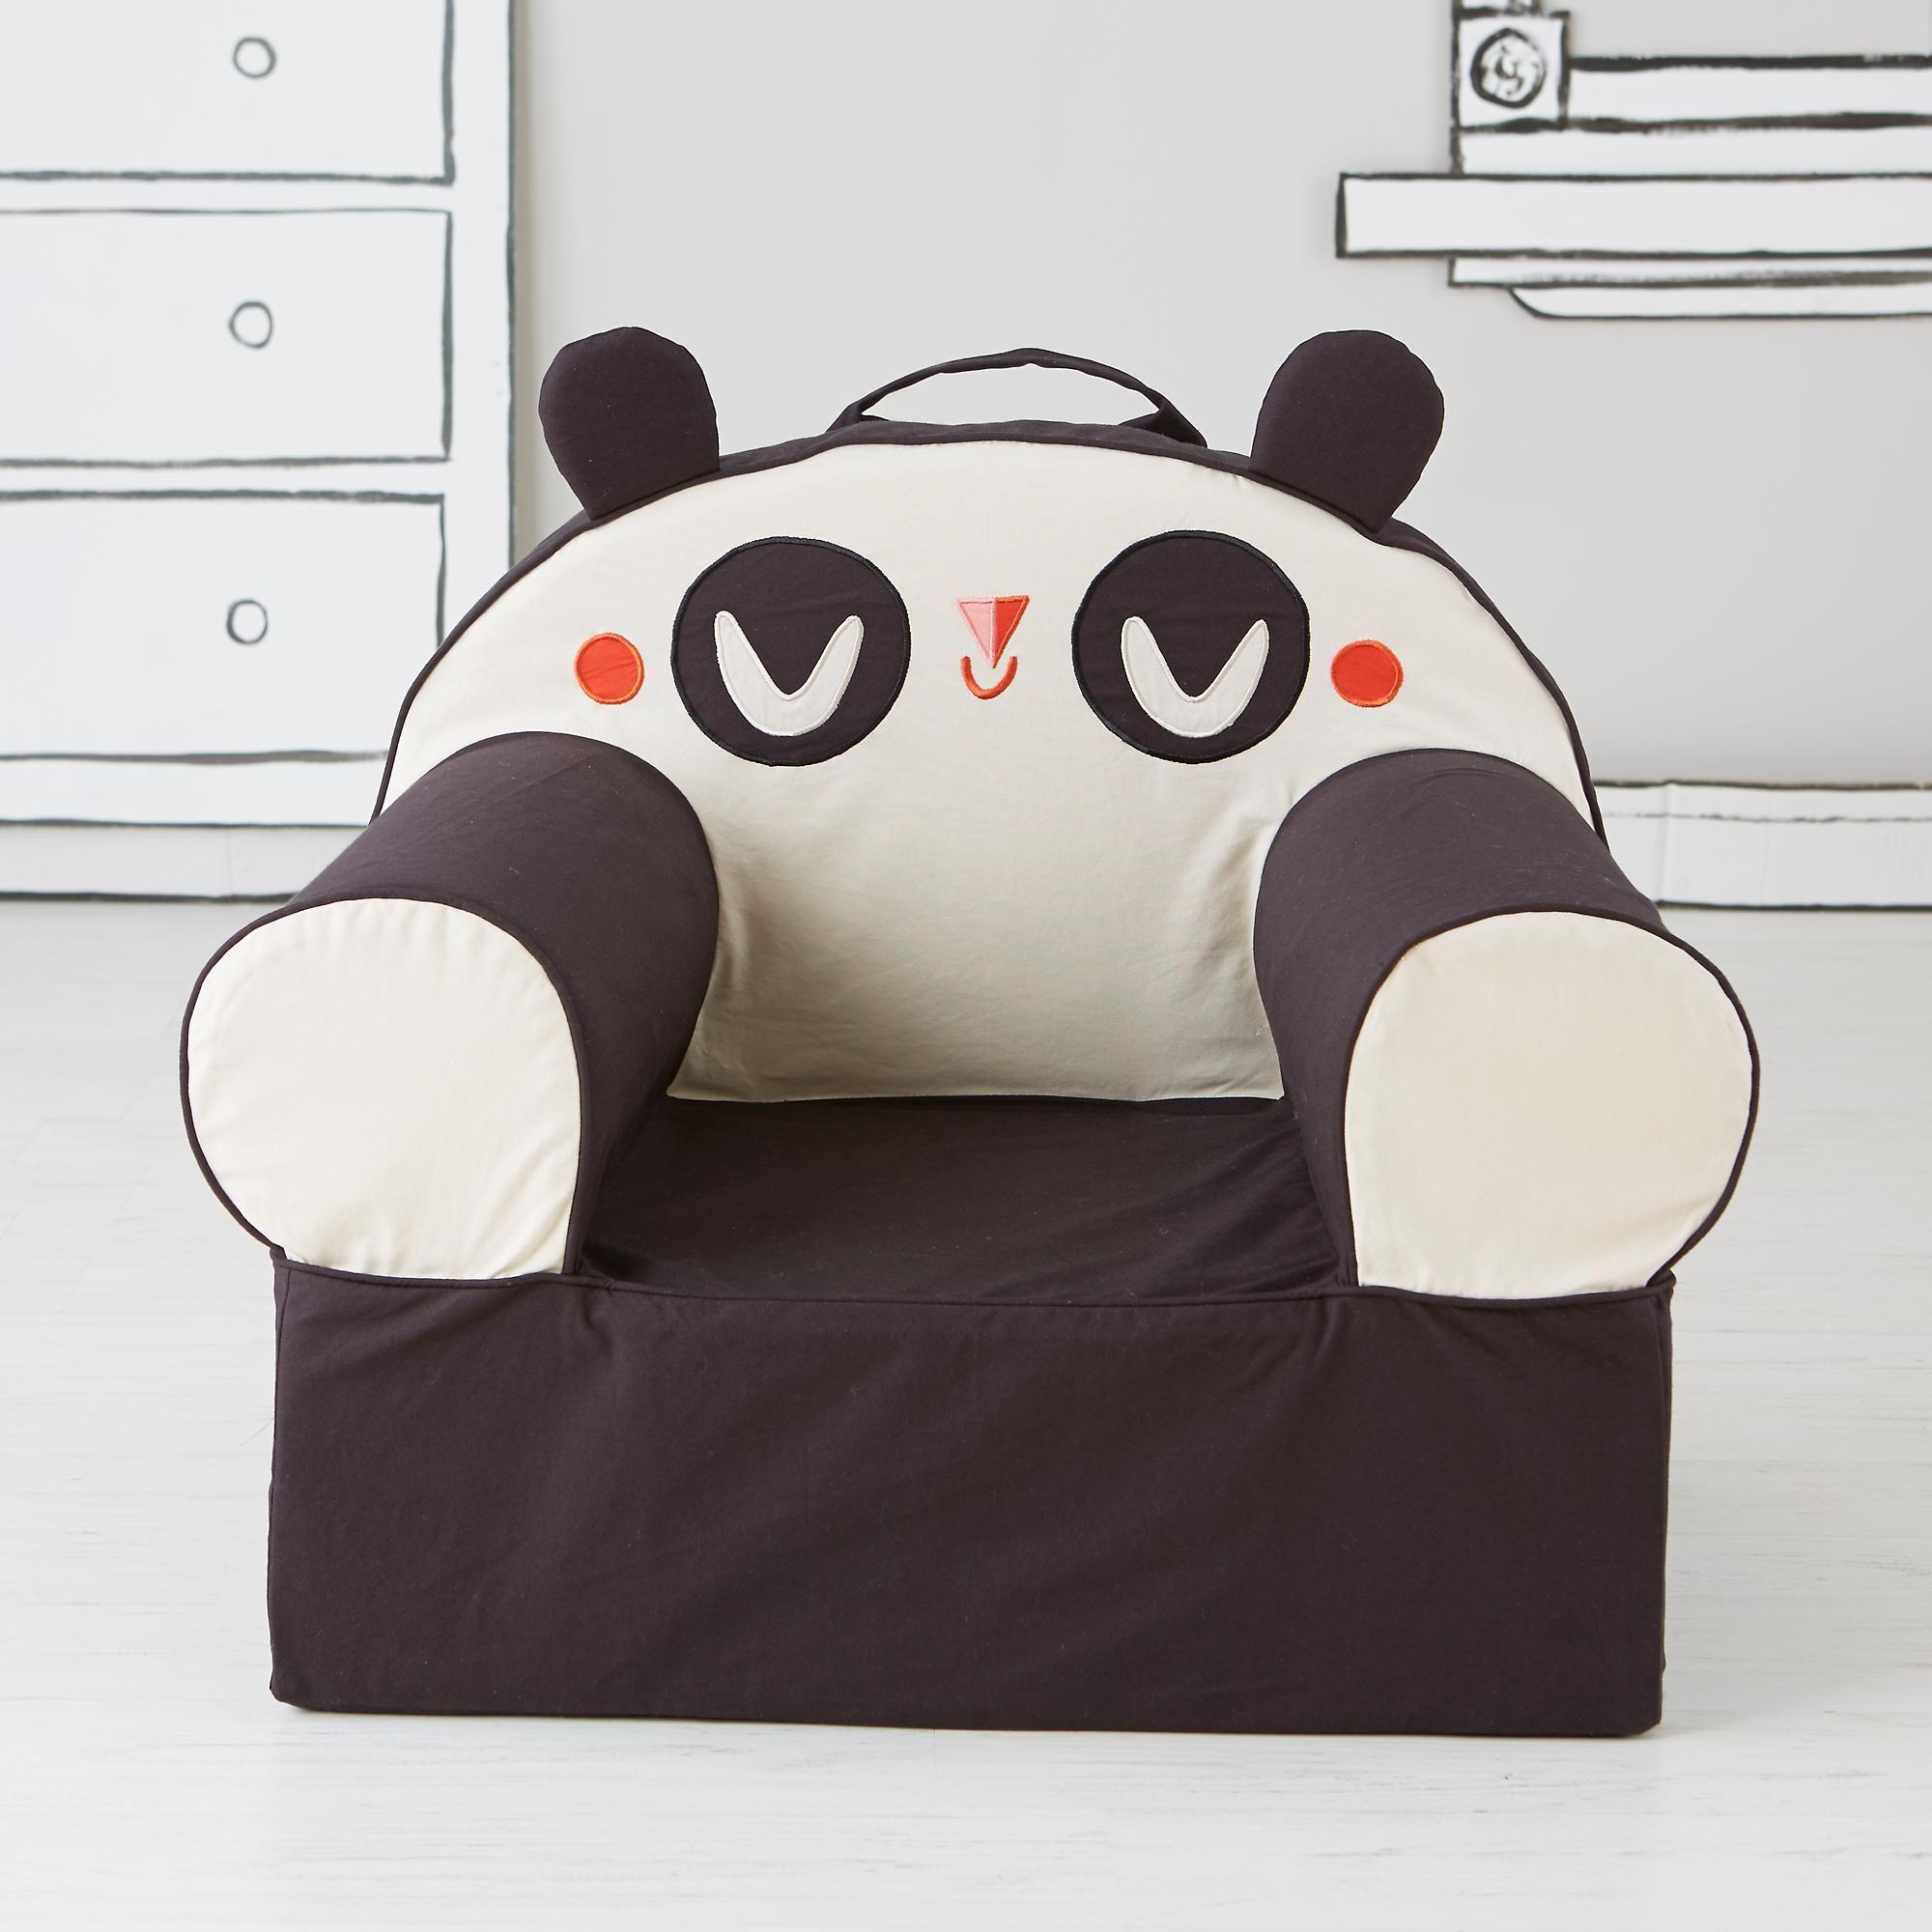 Executive Pet Nod Chair Panda The